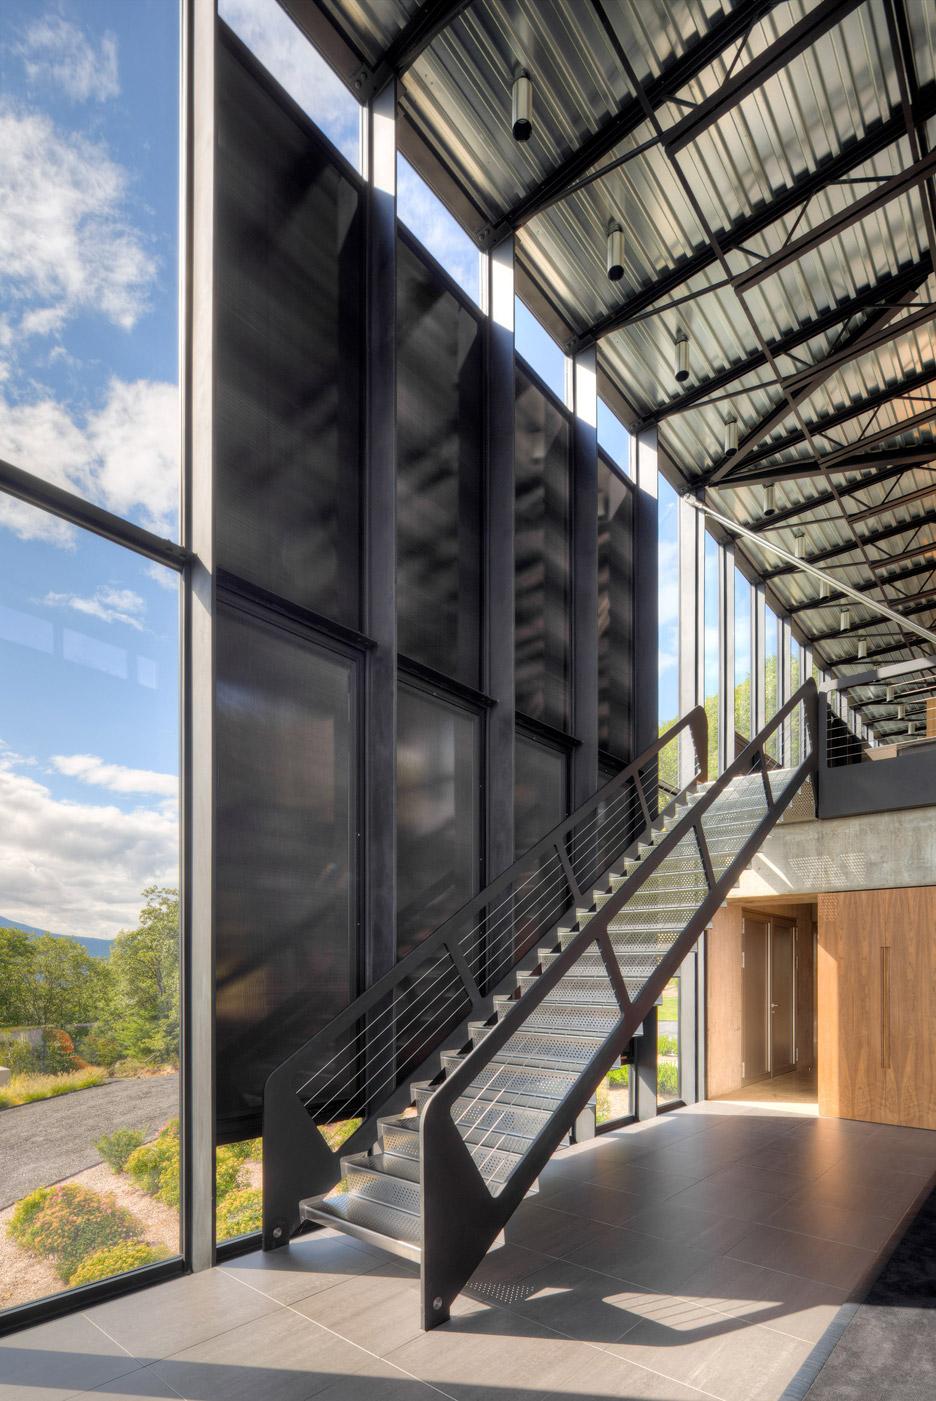 Le grandi scale che uniscono i due piani / Brad Feinknopf